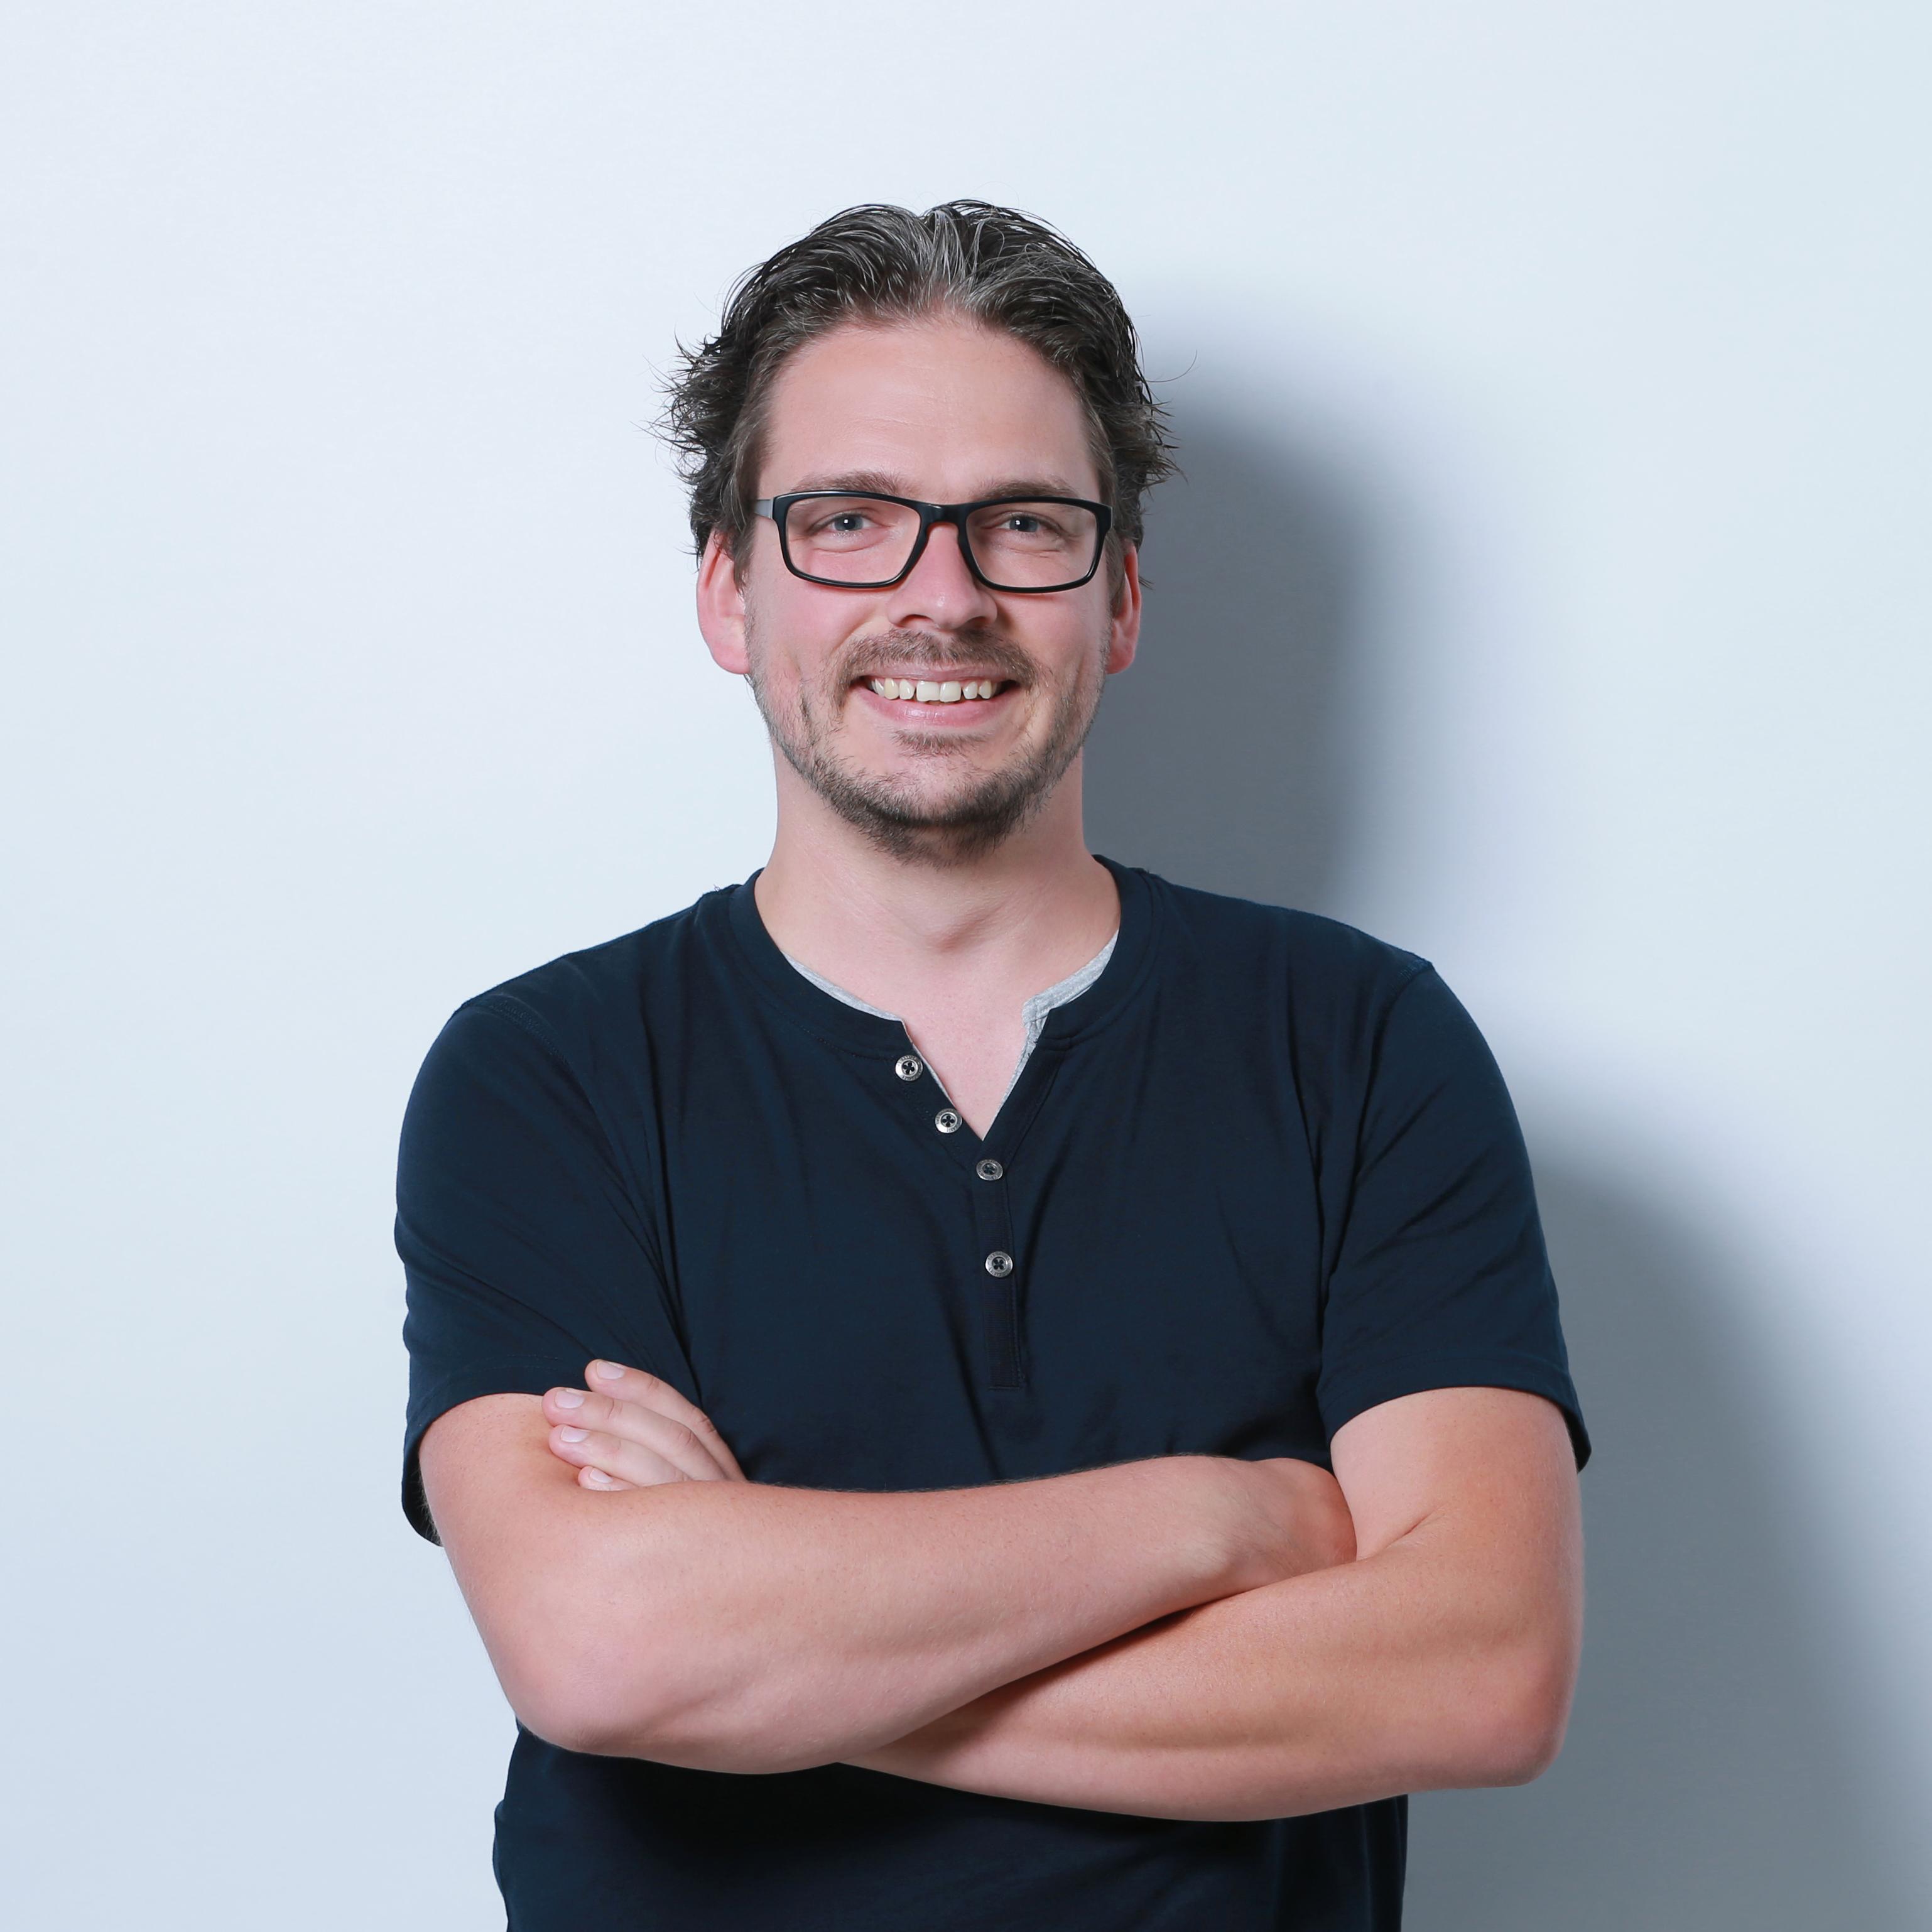 Jasper Nickmann